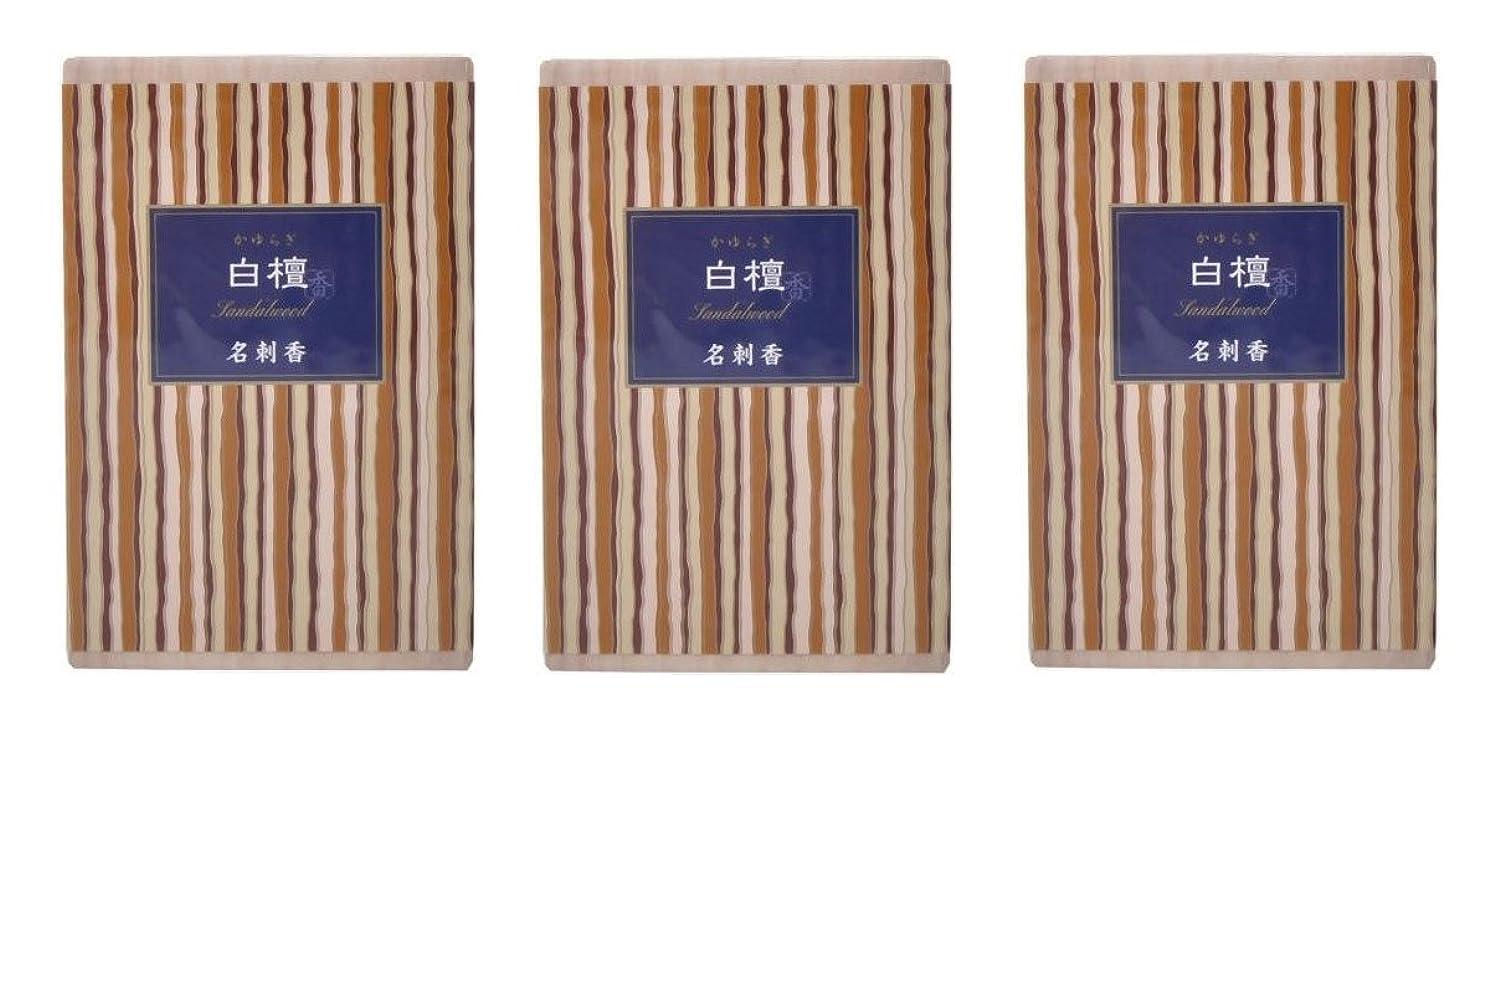 でも蒸留快い【まとめ買い】かゆらぎ 白檀 名刺香 桐箱 6入× 3個